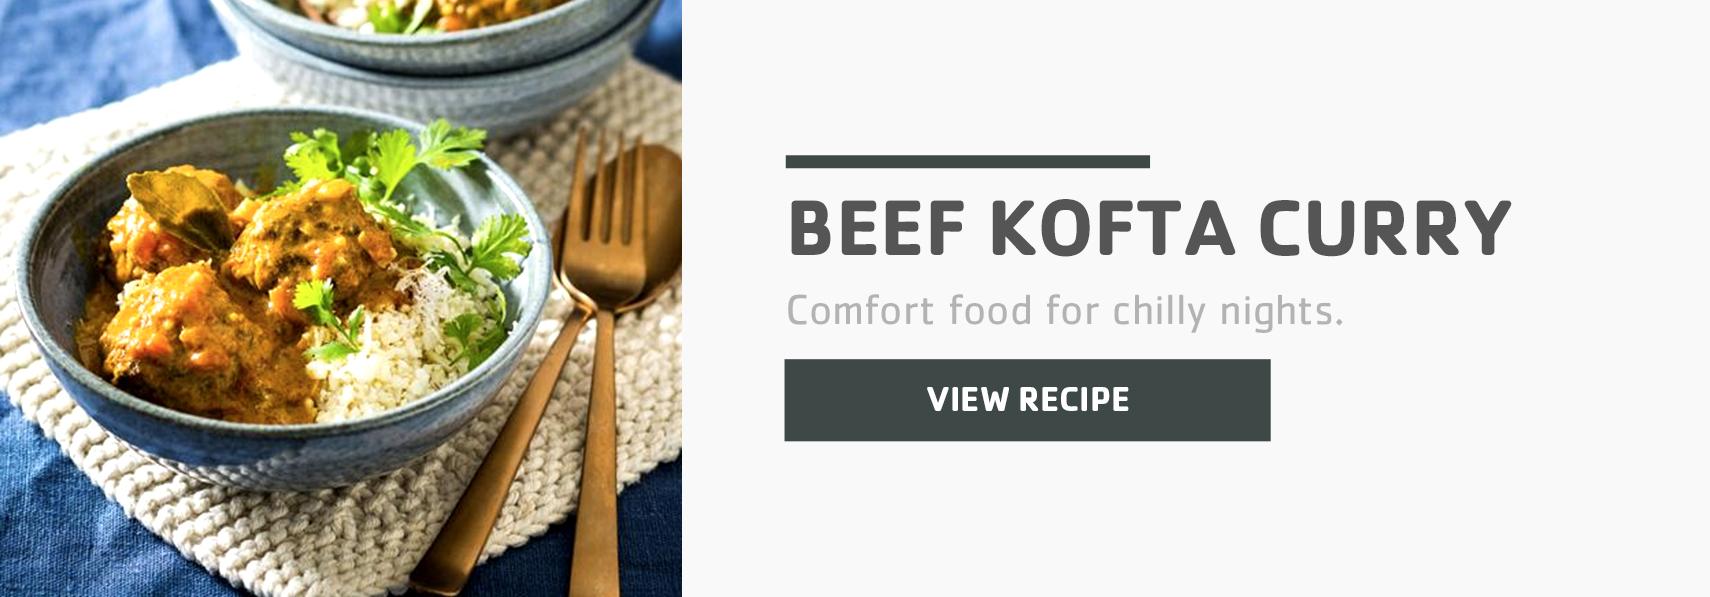 Beef-Kofta-Curry.jpg